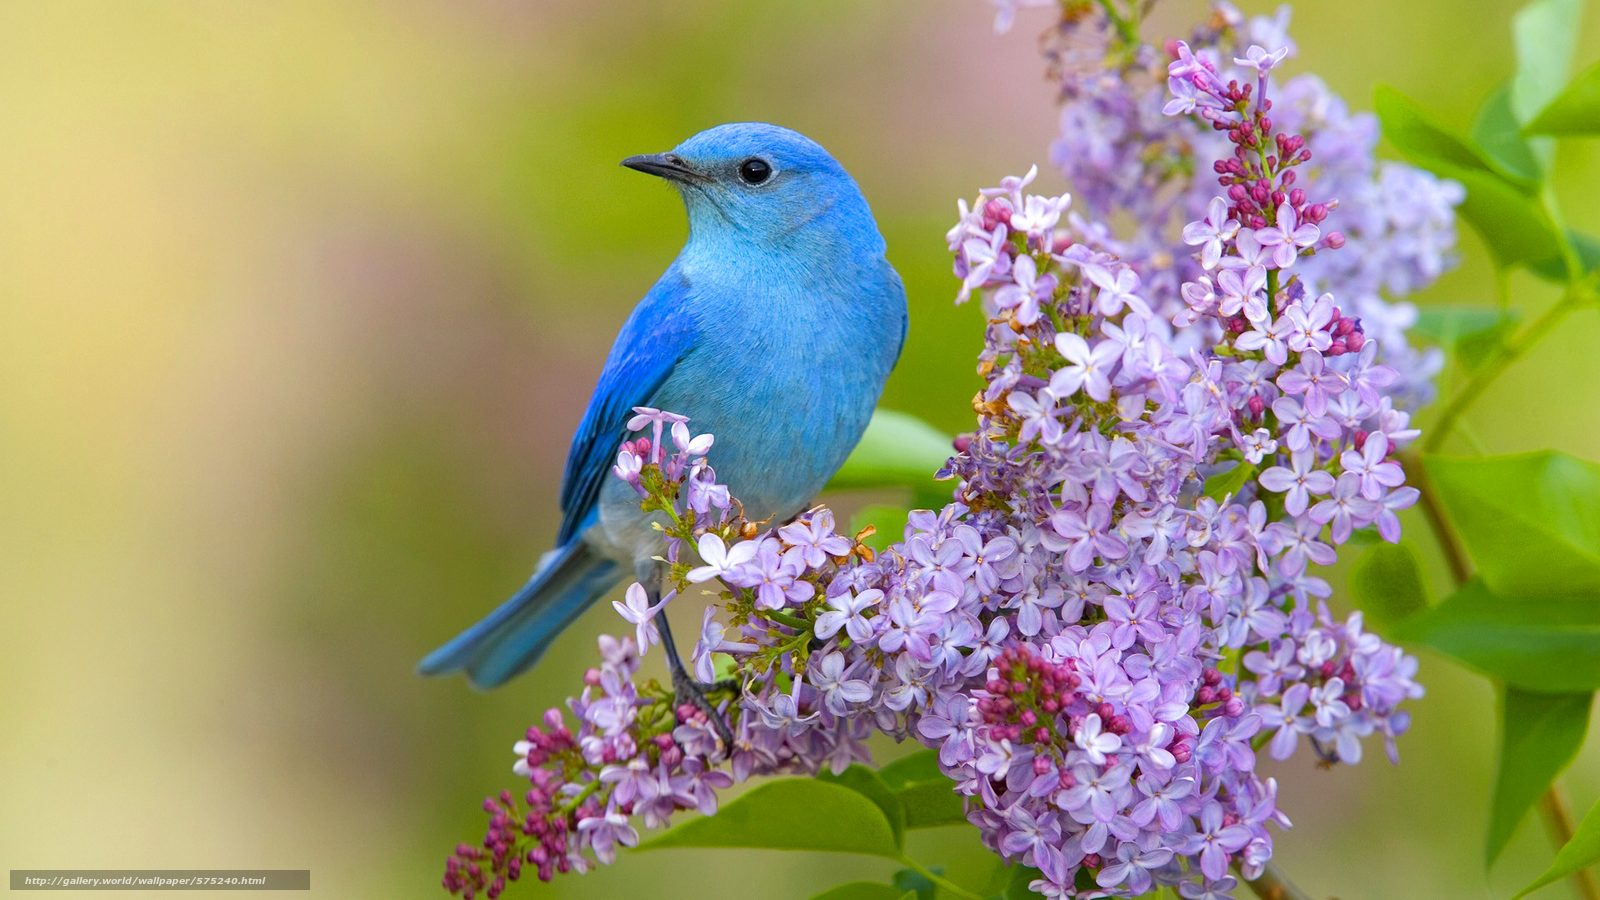 بالصور صور طيور , اجمل الطيور حول العالم 5348 9